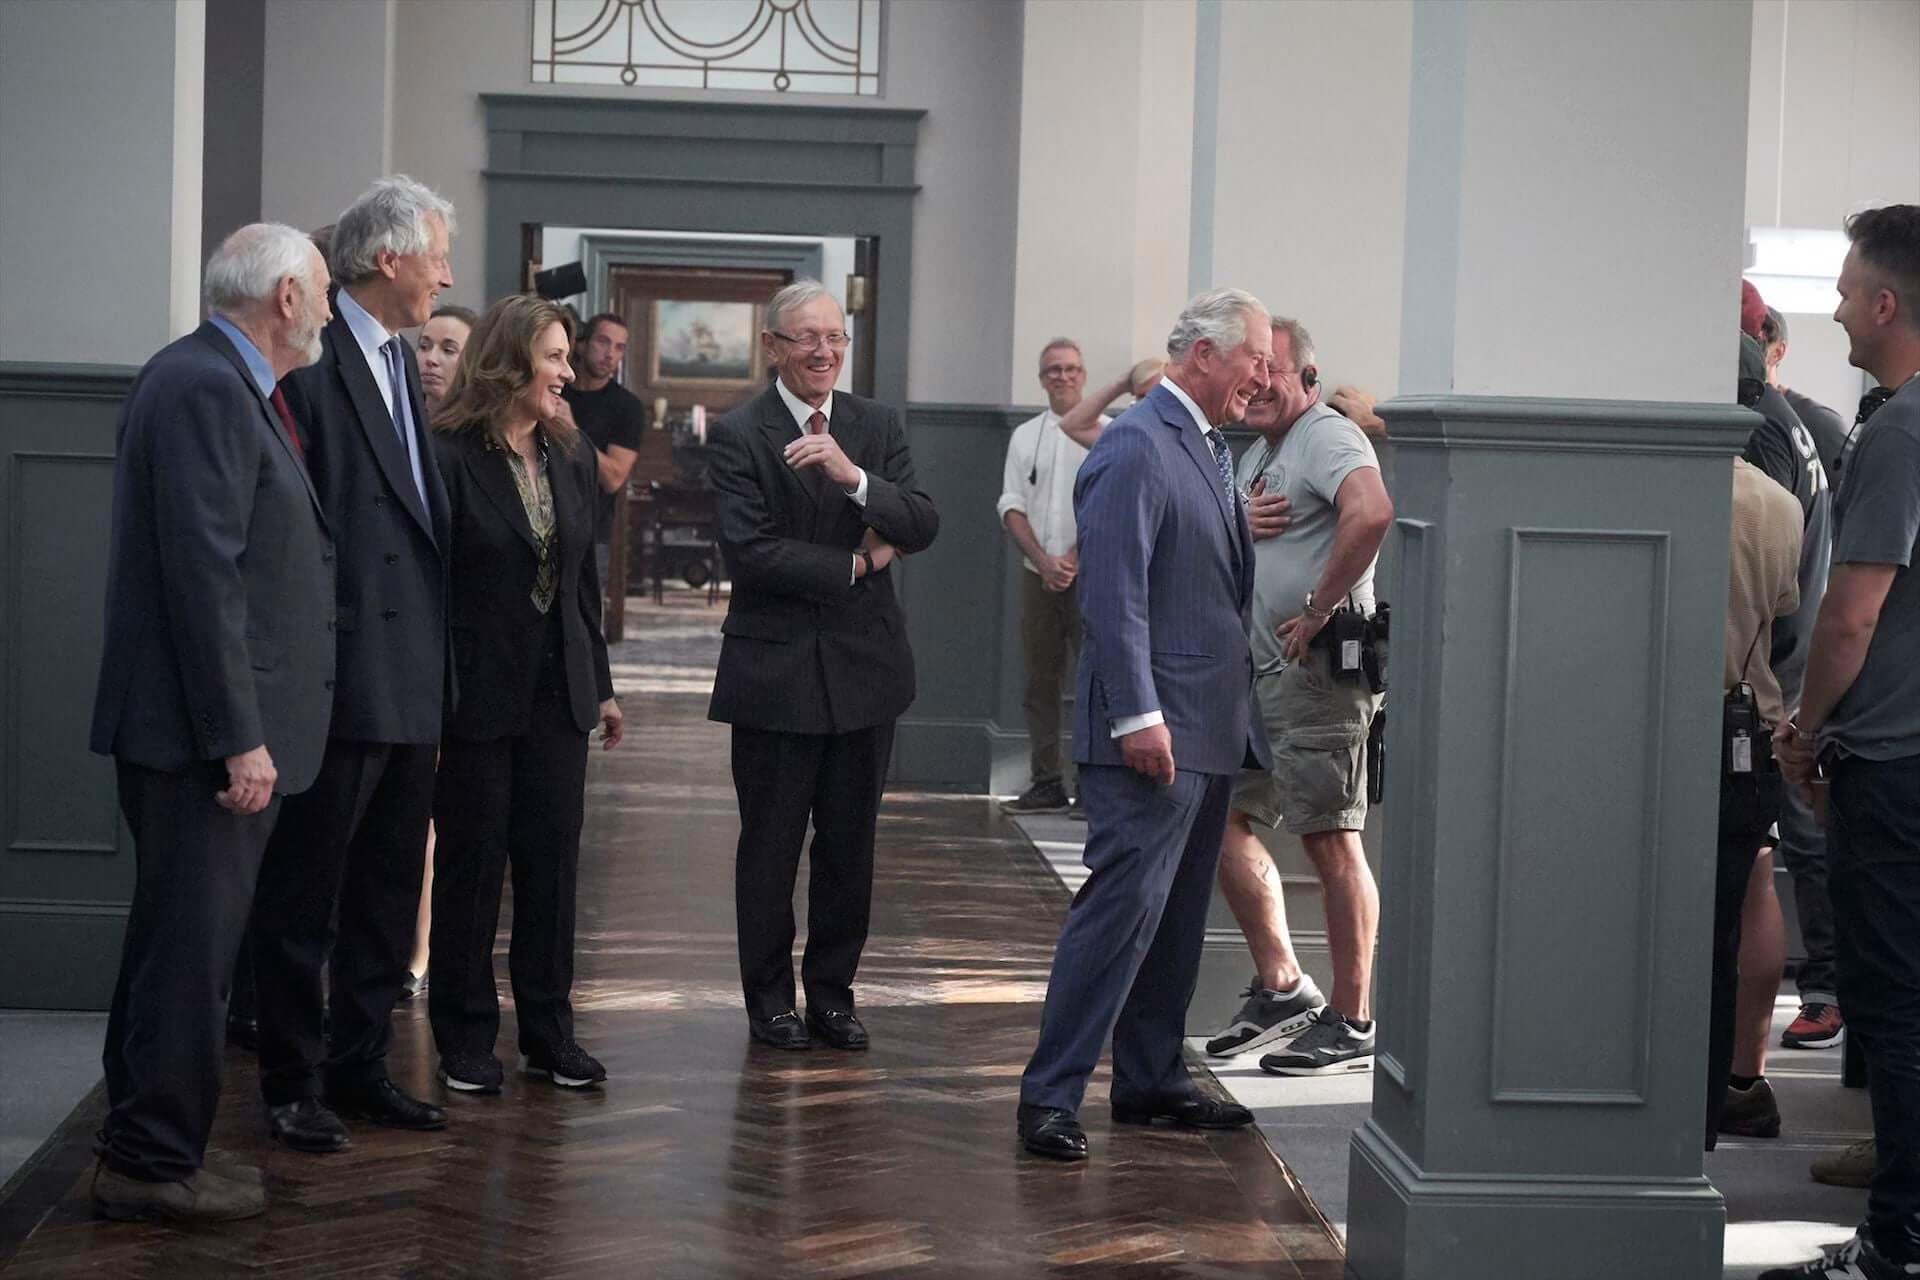 ジェームズ・ボンドがチャールズ皇太子とご対面!『BOND 25』メイキング映像が解禁 film190627_bond25_3-1920x1280